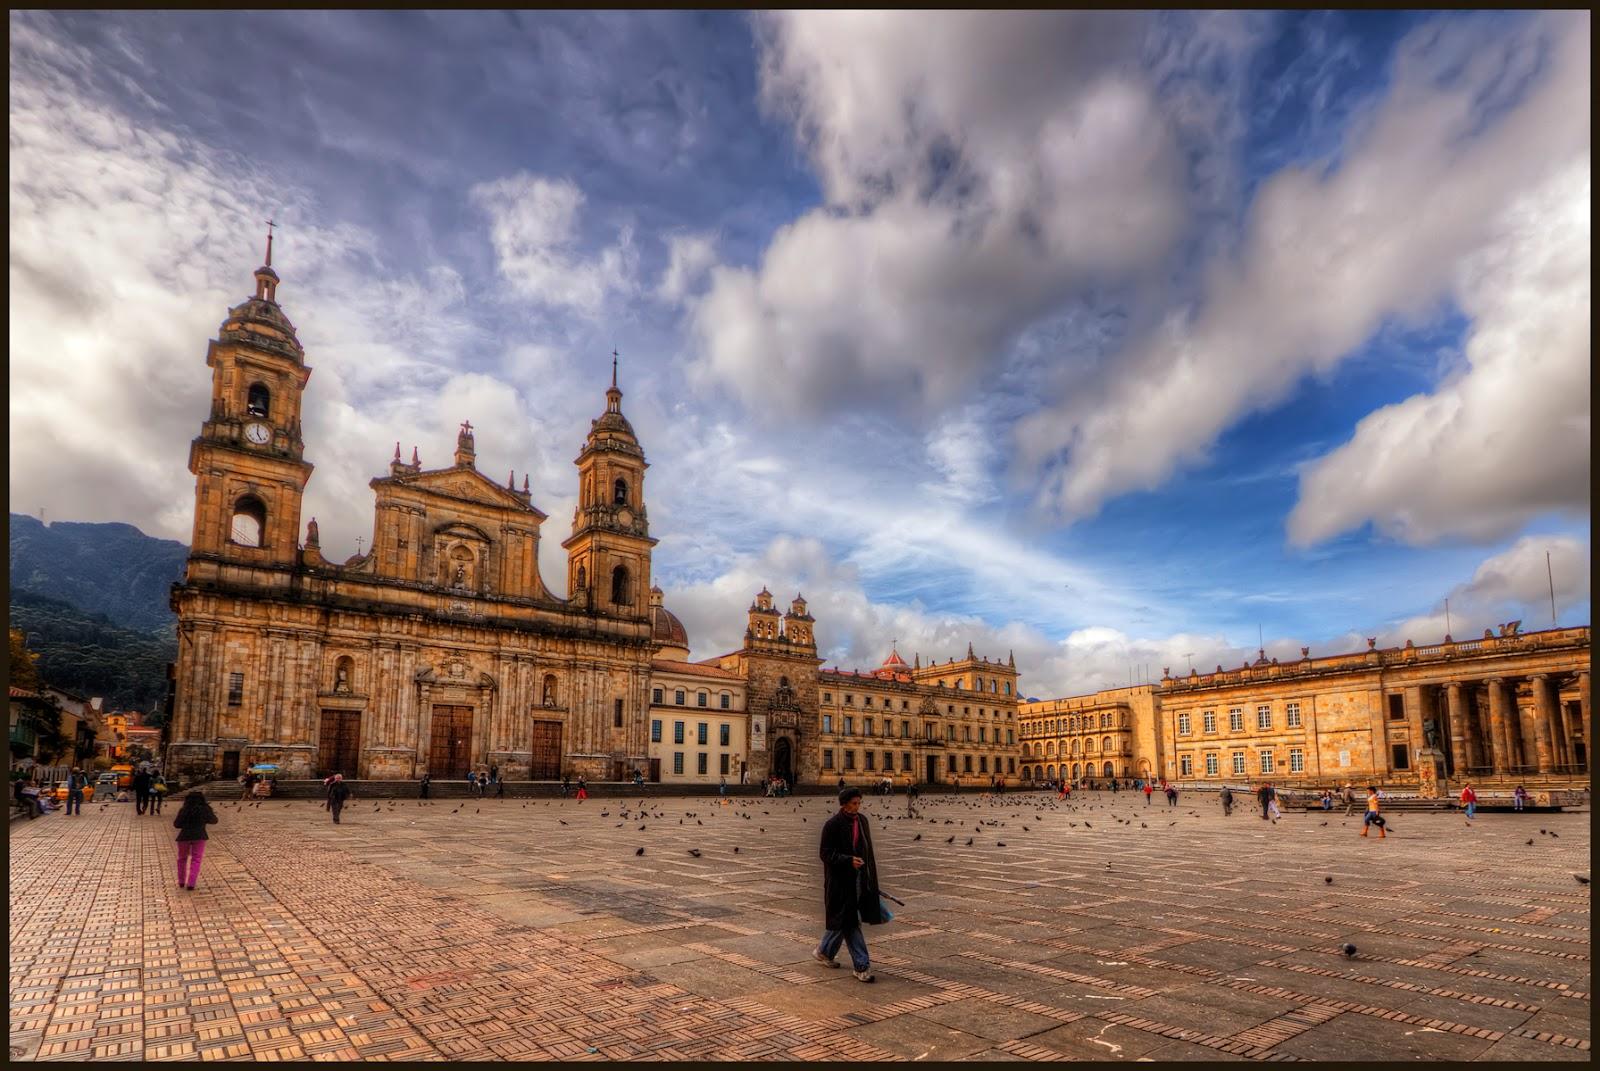 Viajero turismo qu visitar en bogot la capital colombiana for Arriendos en ciudad jardin sur bogota